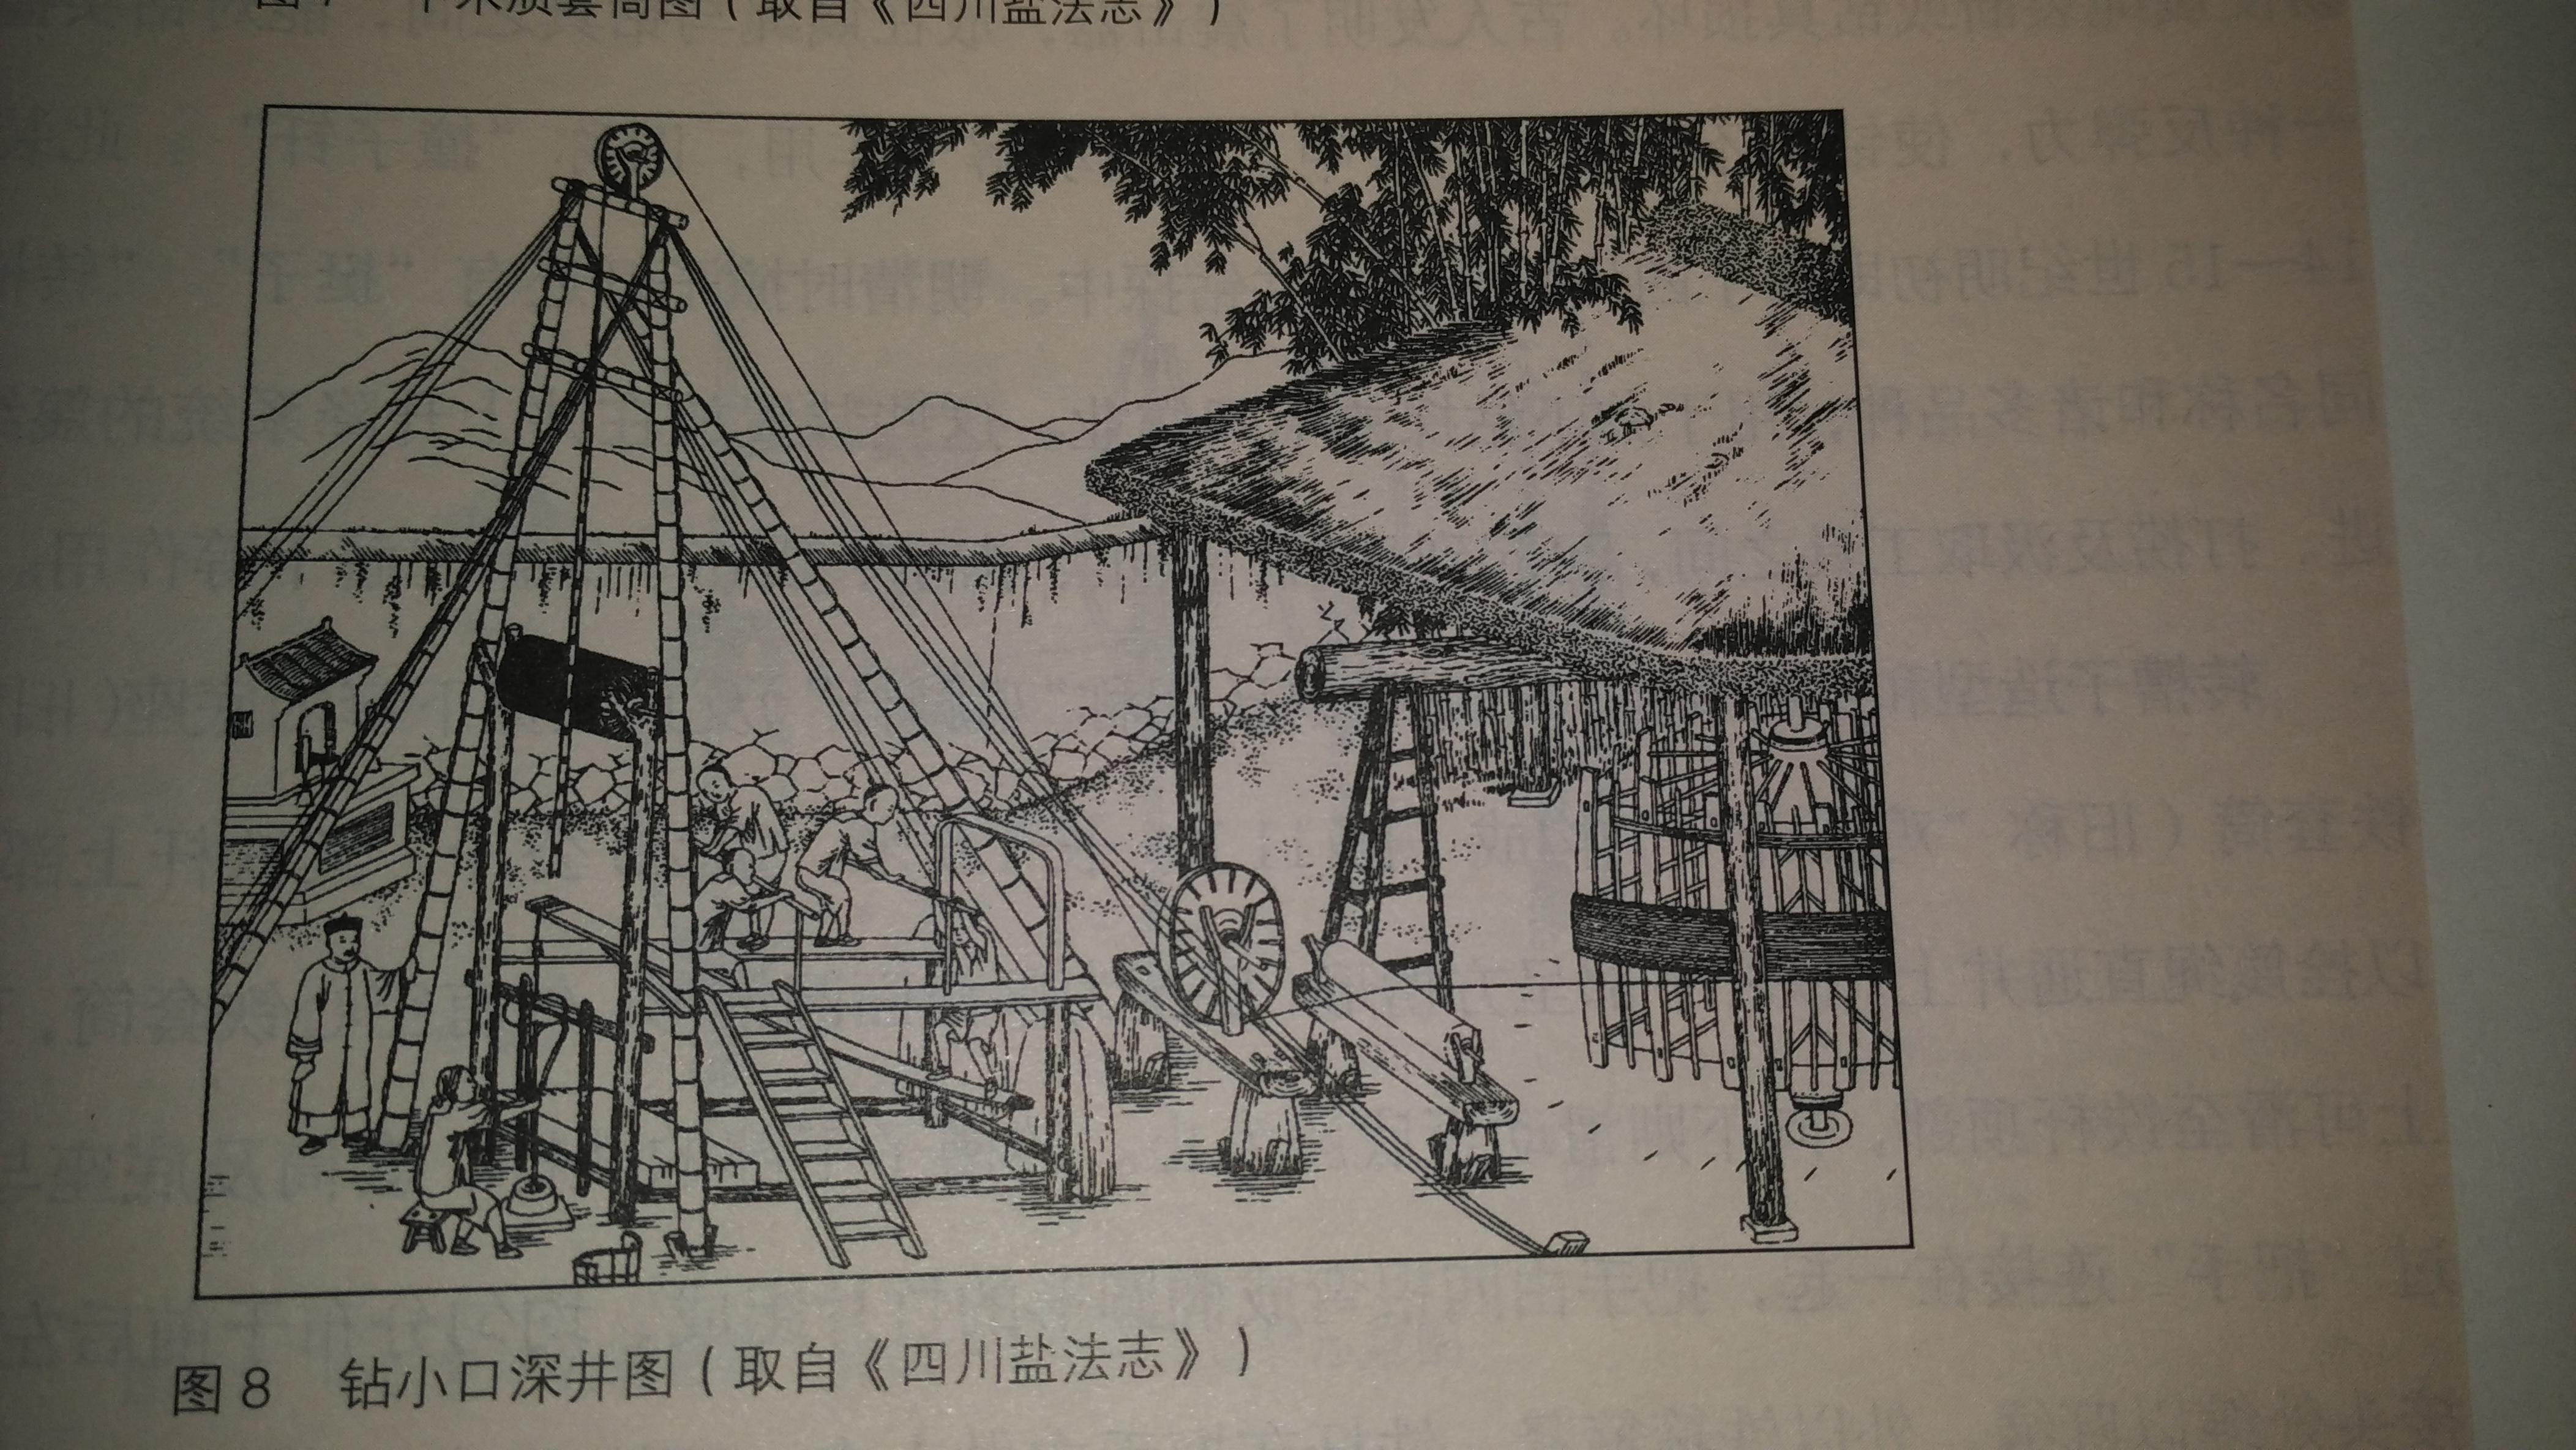 中國的三十大發明7